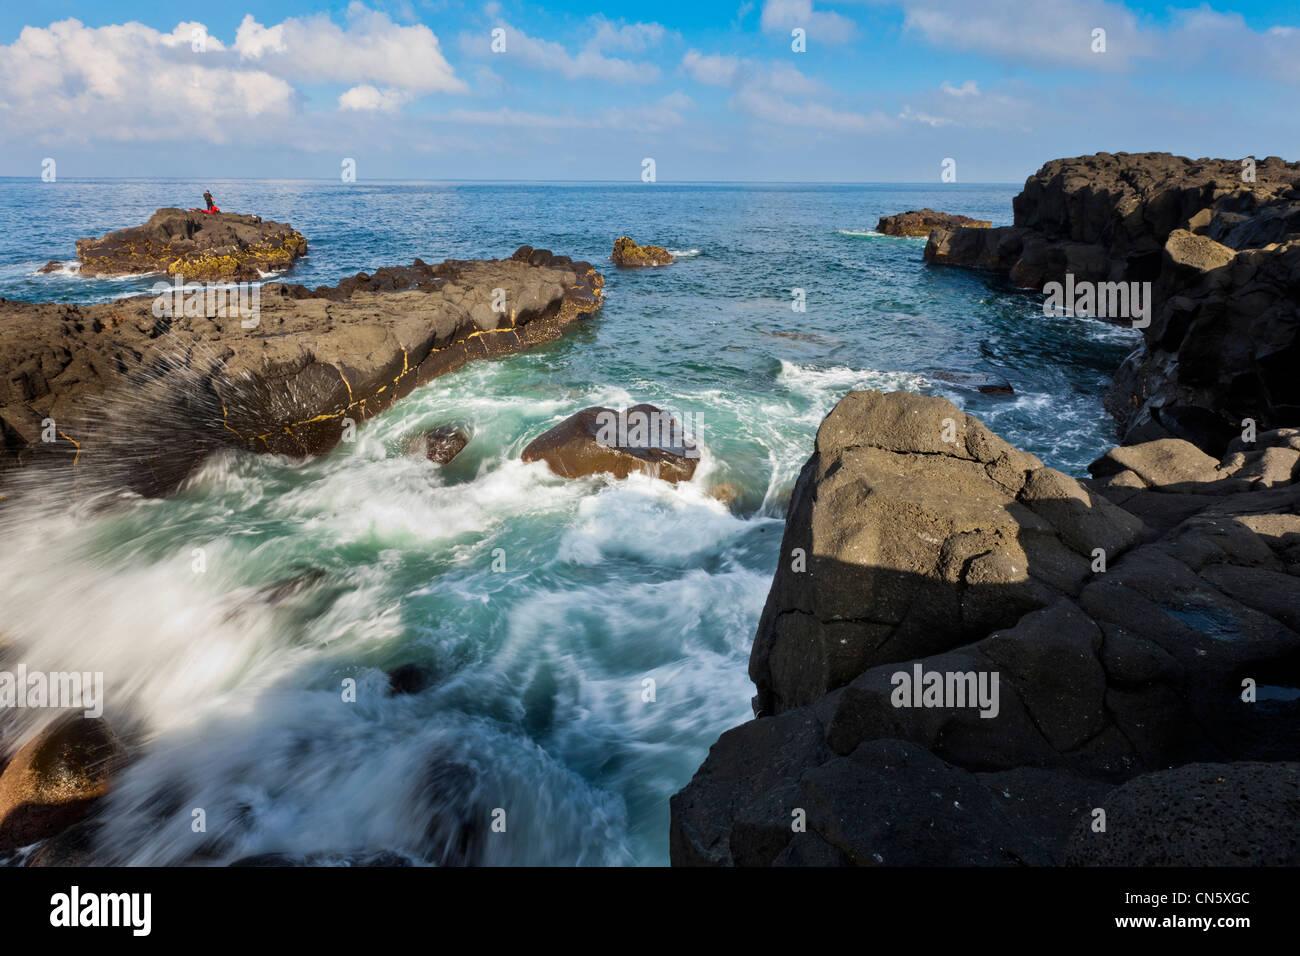 South Korea, Jeju Province, powerful waves beating the coast of the Mara Island - Stock Image